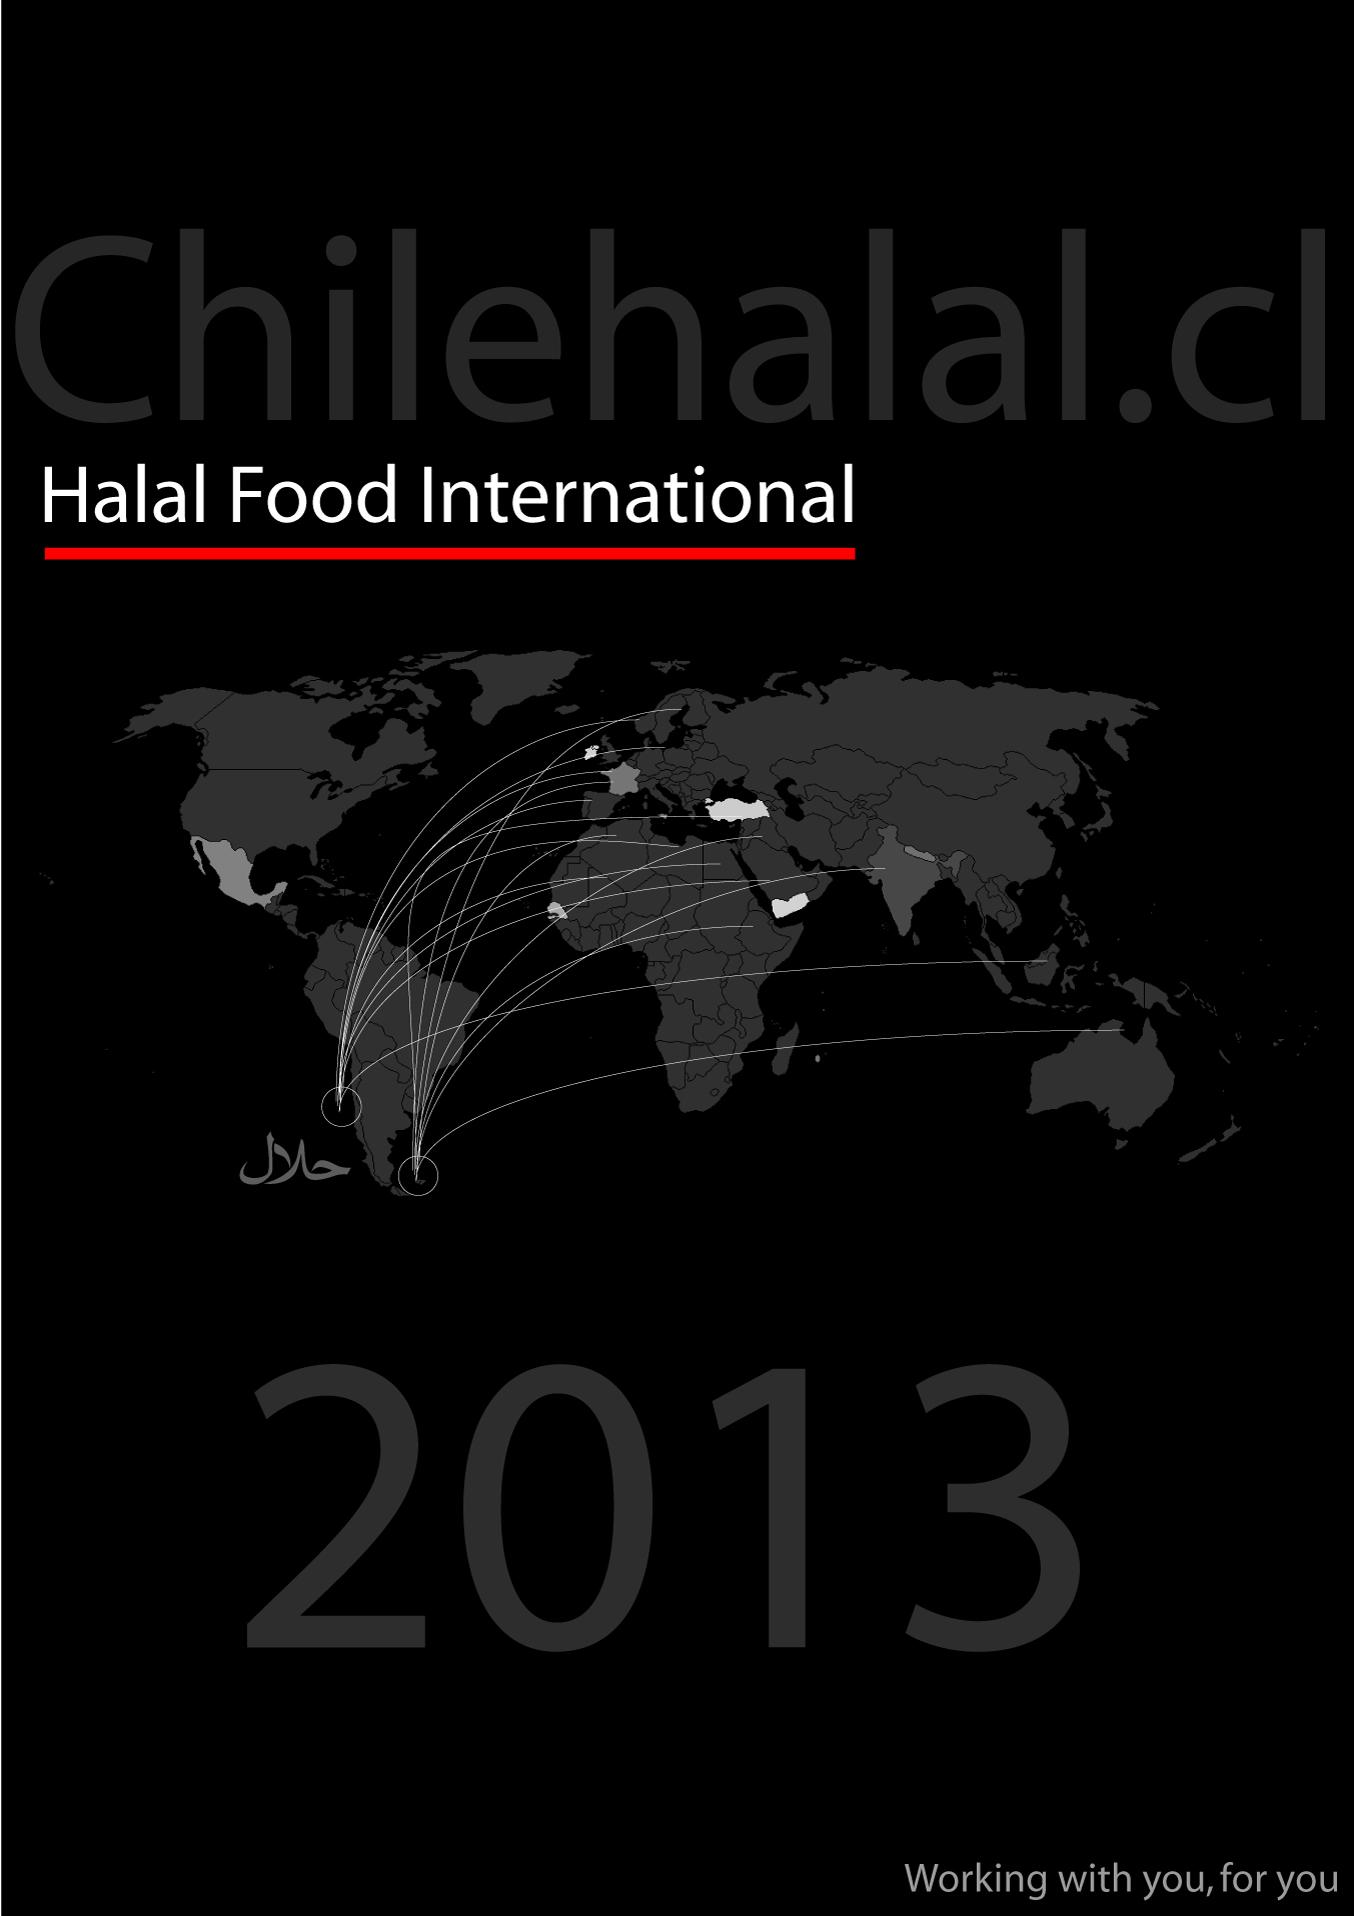 28.500 corderos halal con marca Chilehalal exportados a Europa y el Oriente Medio